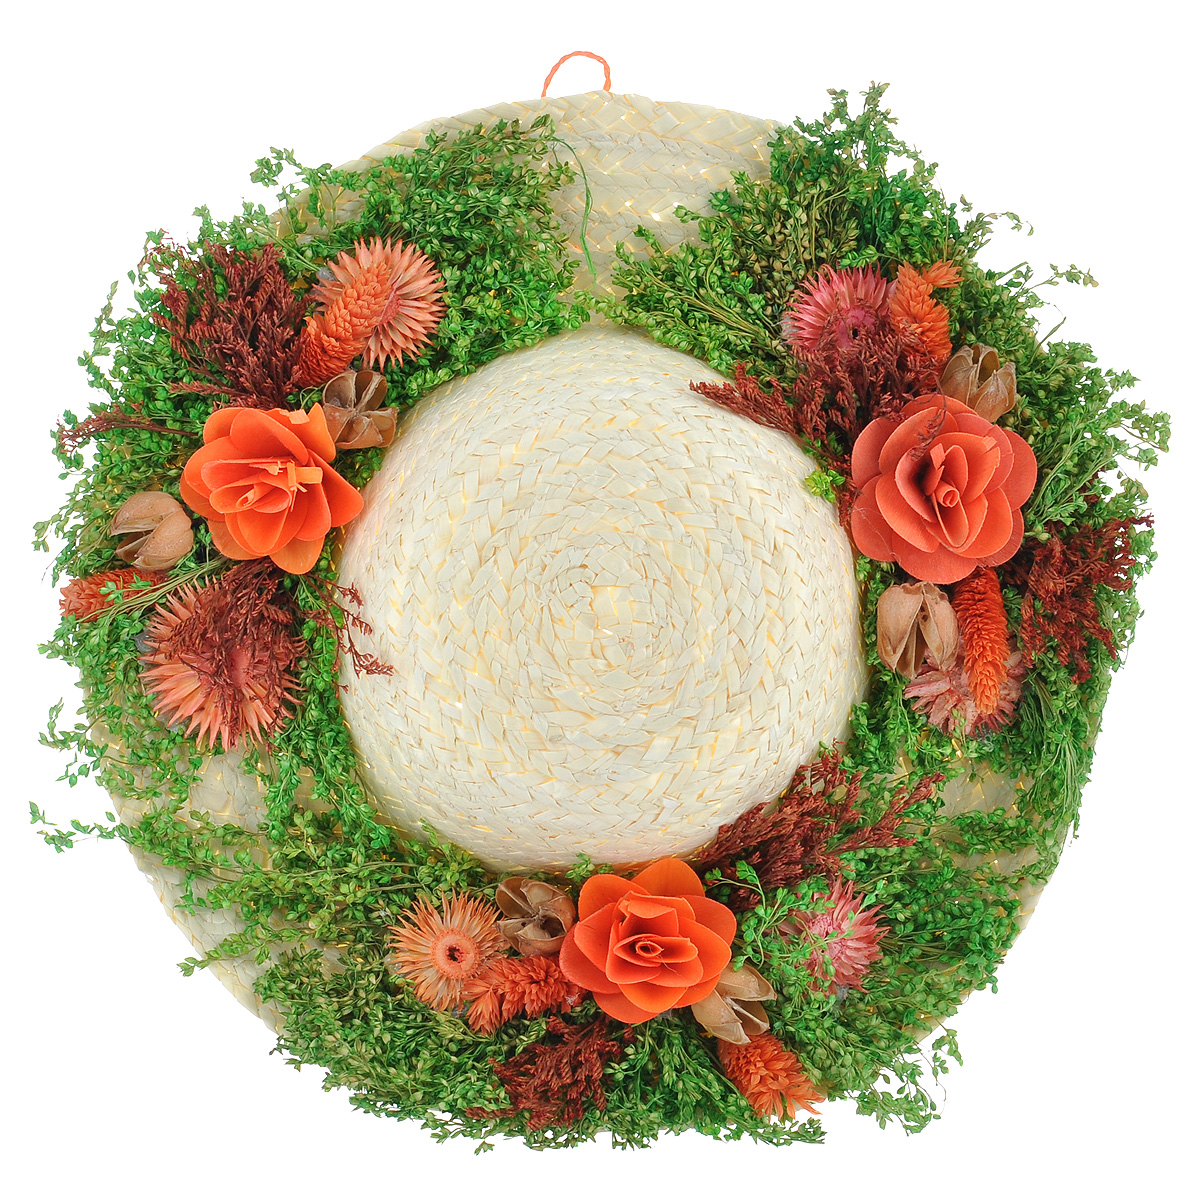 """Декоративное подвесное украшение Lillo """"Шляпа"""" выполнено из натуральной соломы и украшено сухоцветами. Такая шляпа станет изящным элементом декора в вашем доме. С задней стороны расположена петелька для подвешивания. Такое украшение не только подчеркнет ваш изысканный вкус, но и прекрасным подарком, который обязательно порадует получателя.Диаметр шляпы: 28 см."""